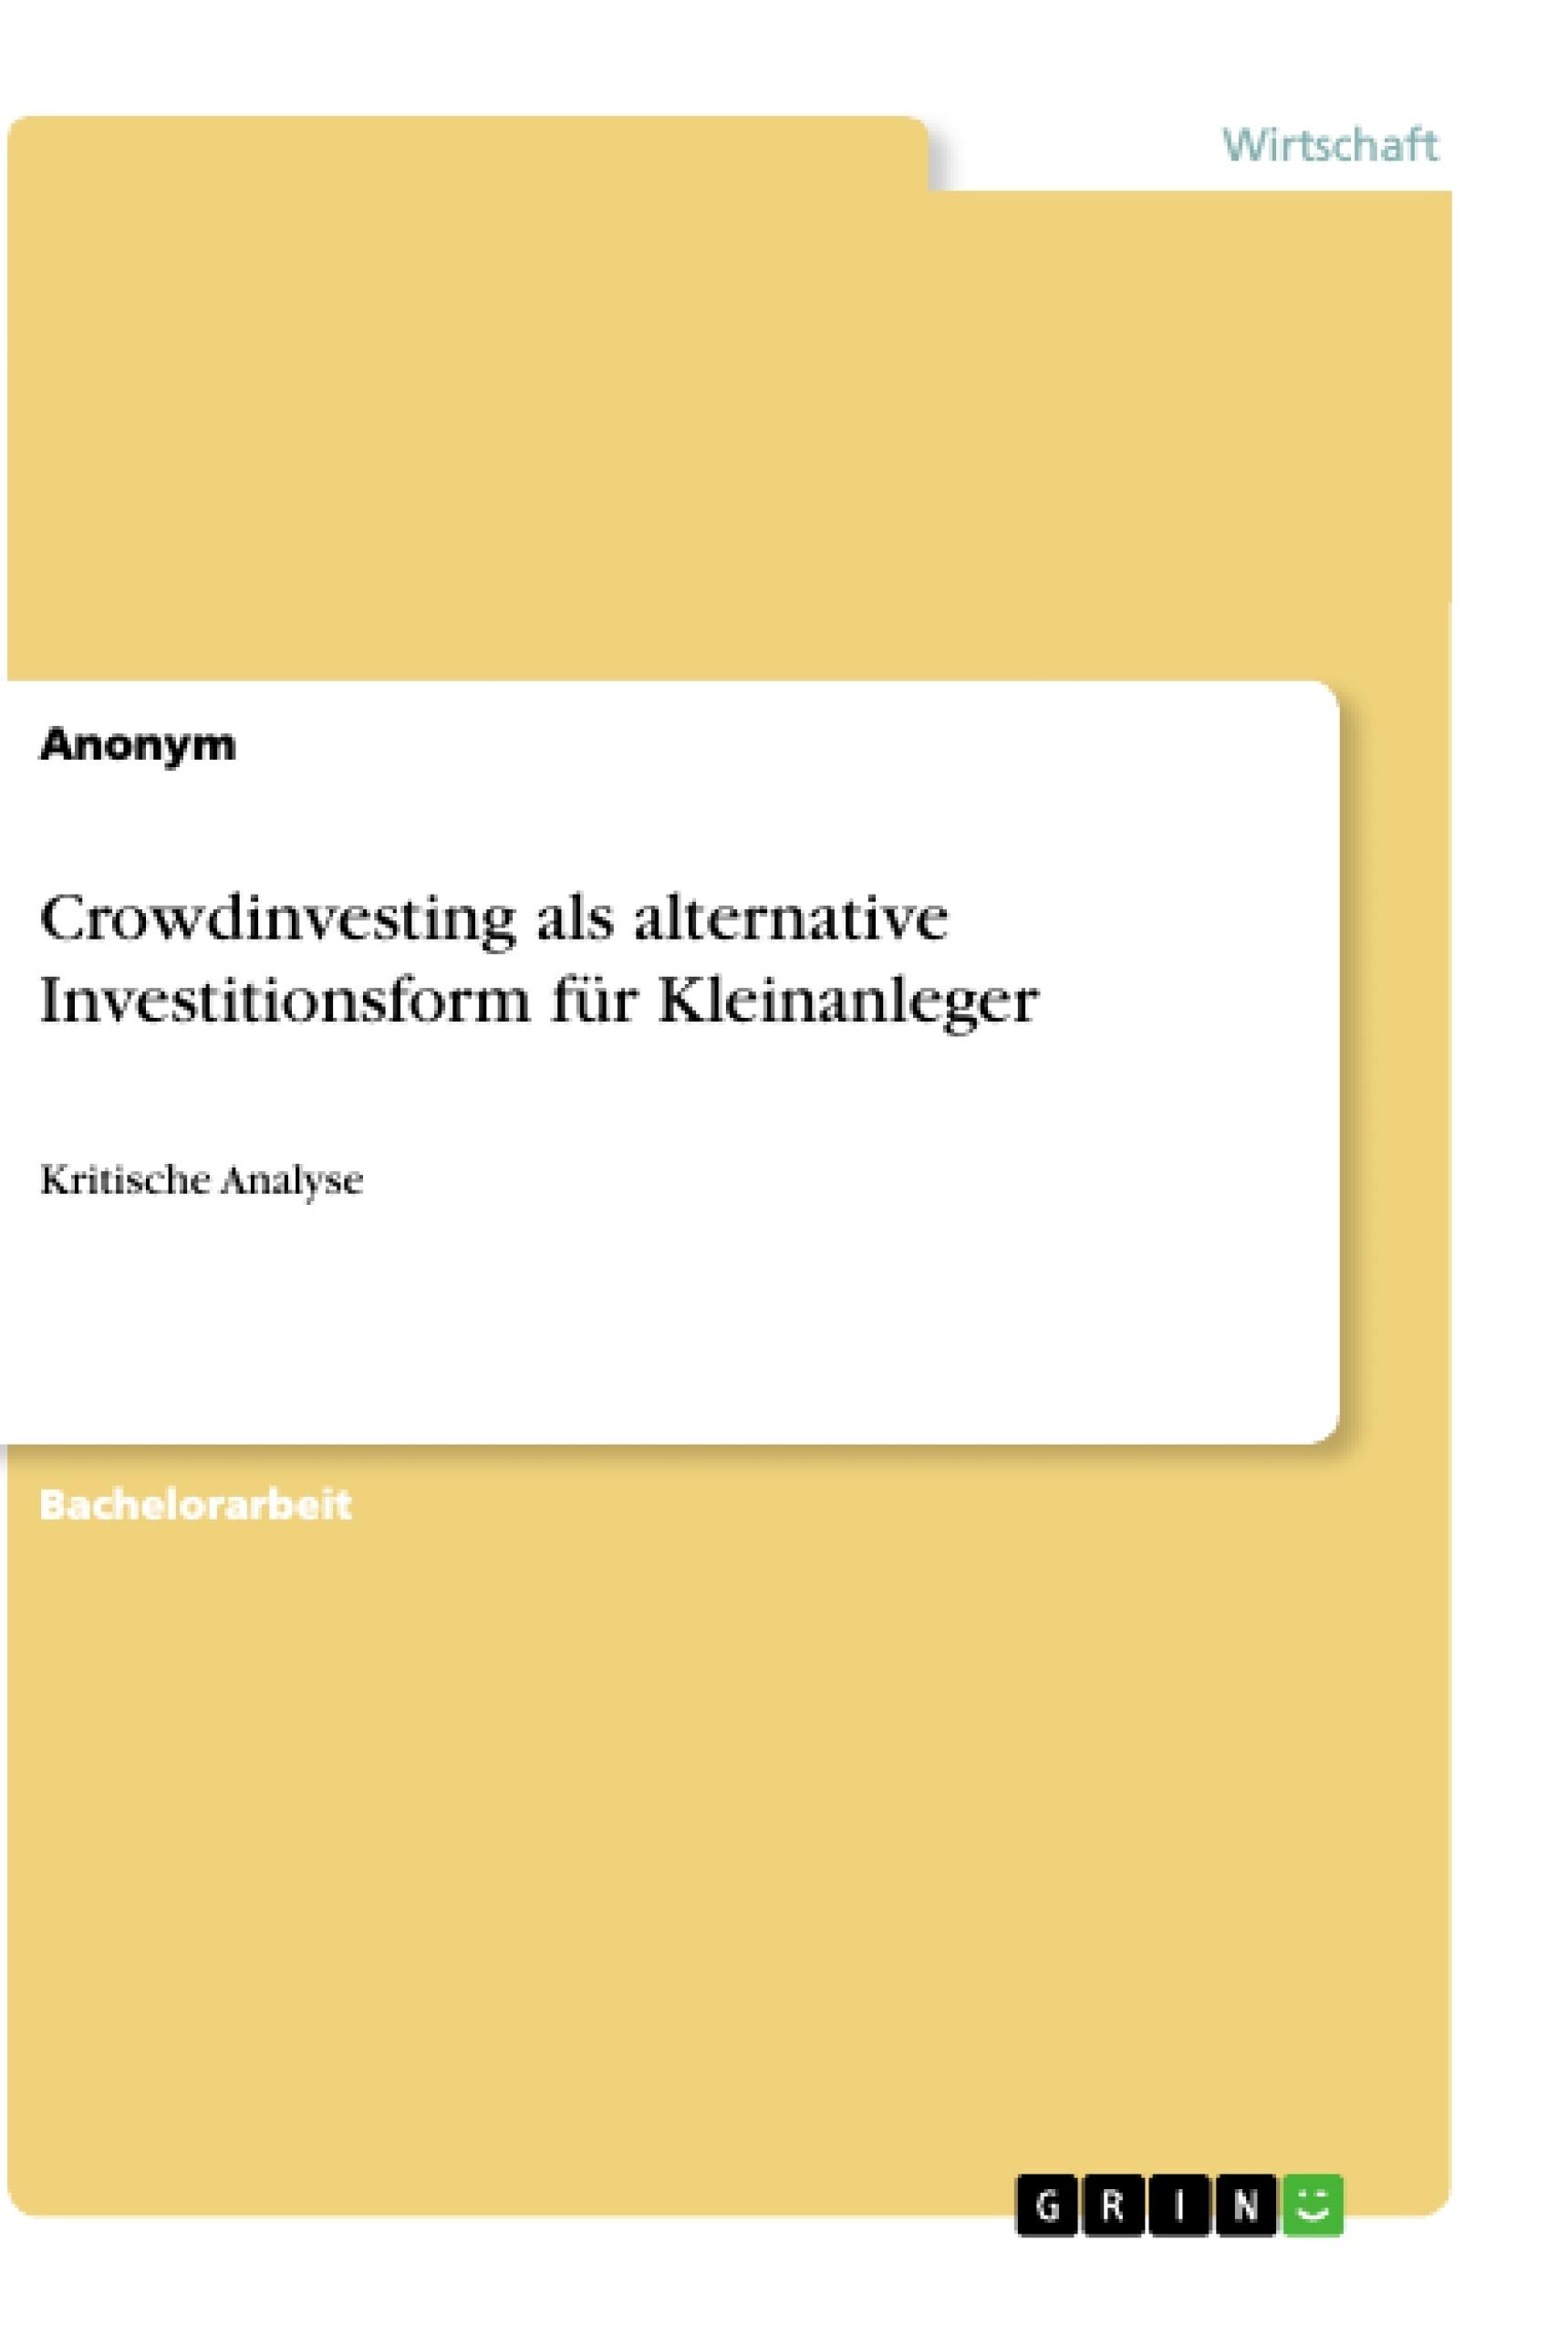 Titel: Crowdinvesting als alternative Investitionsform für Kleinanleger